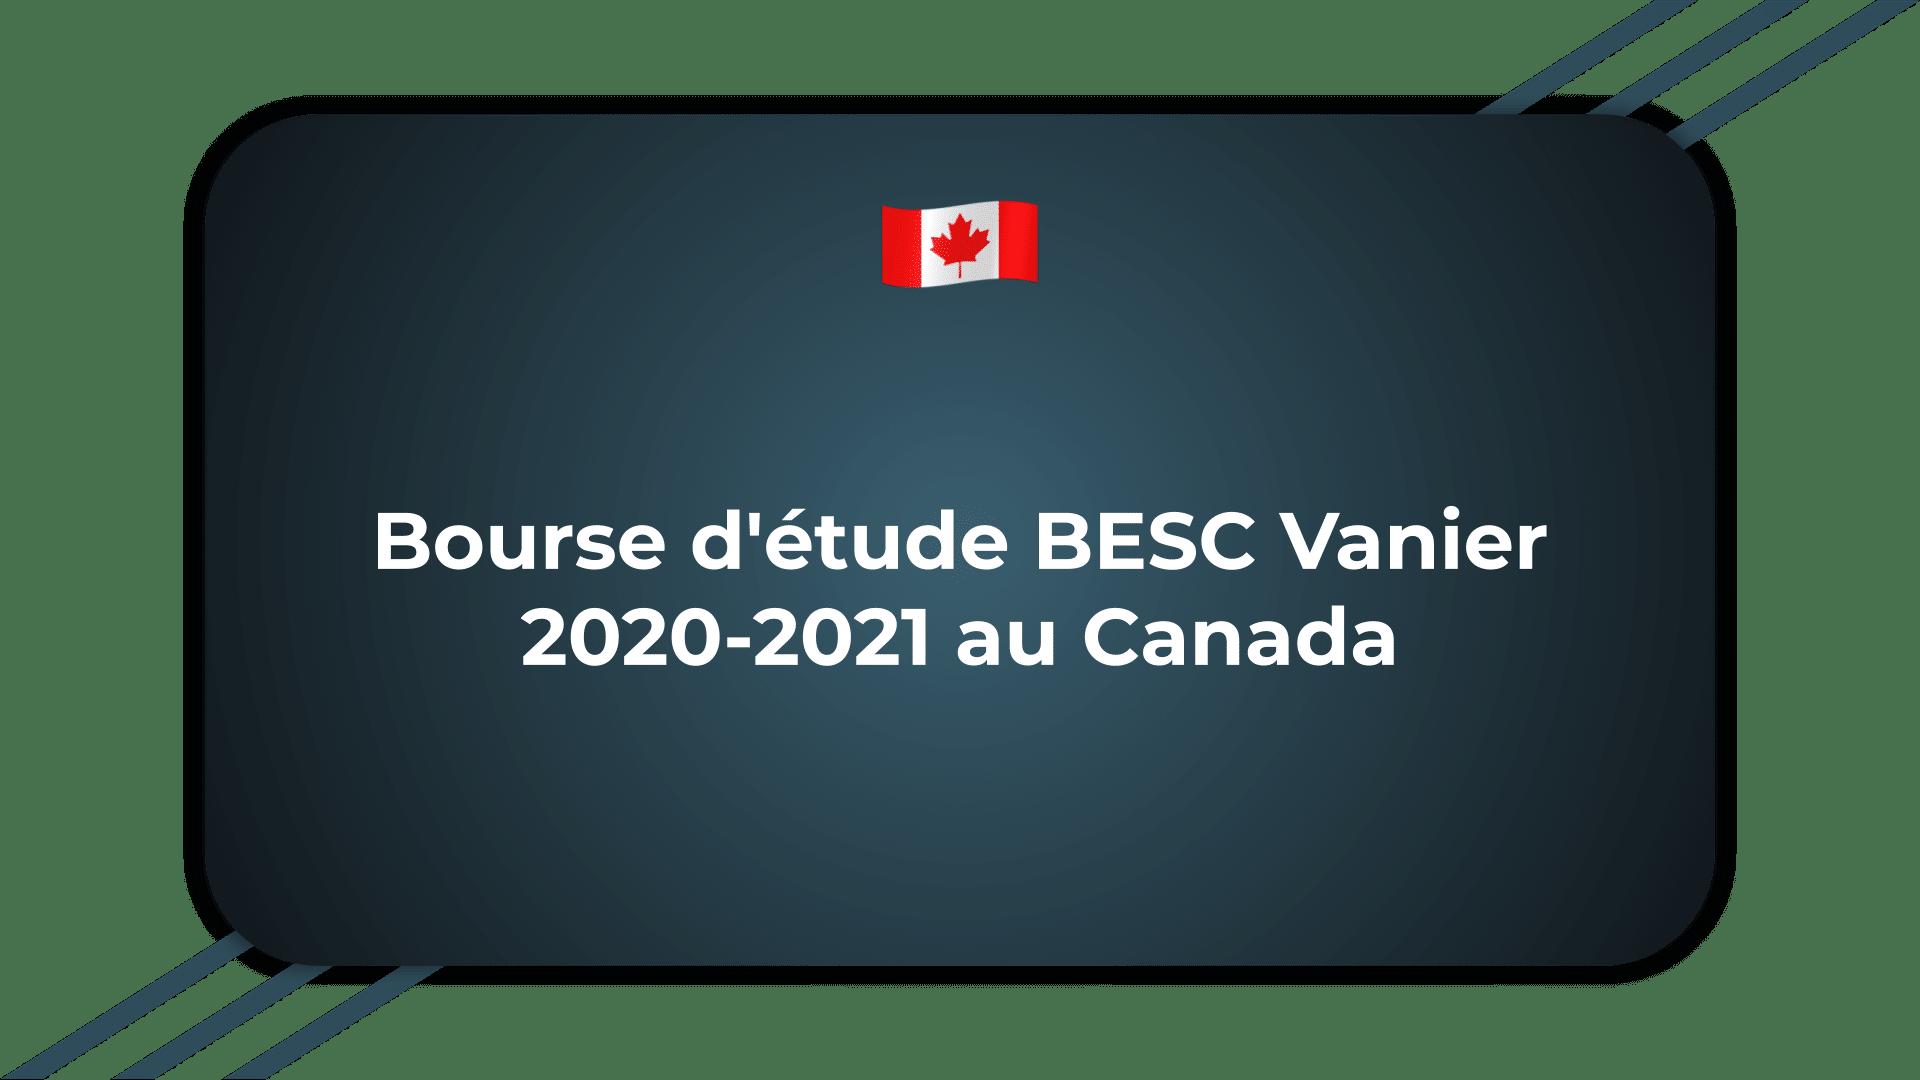 Bourse d'étude BESC Vanier